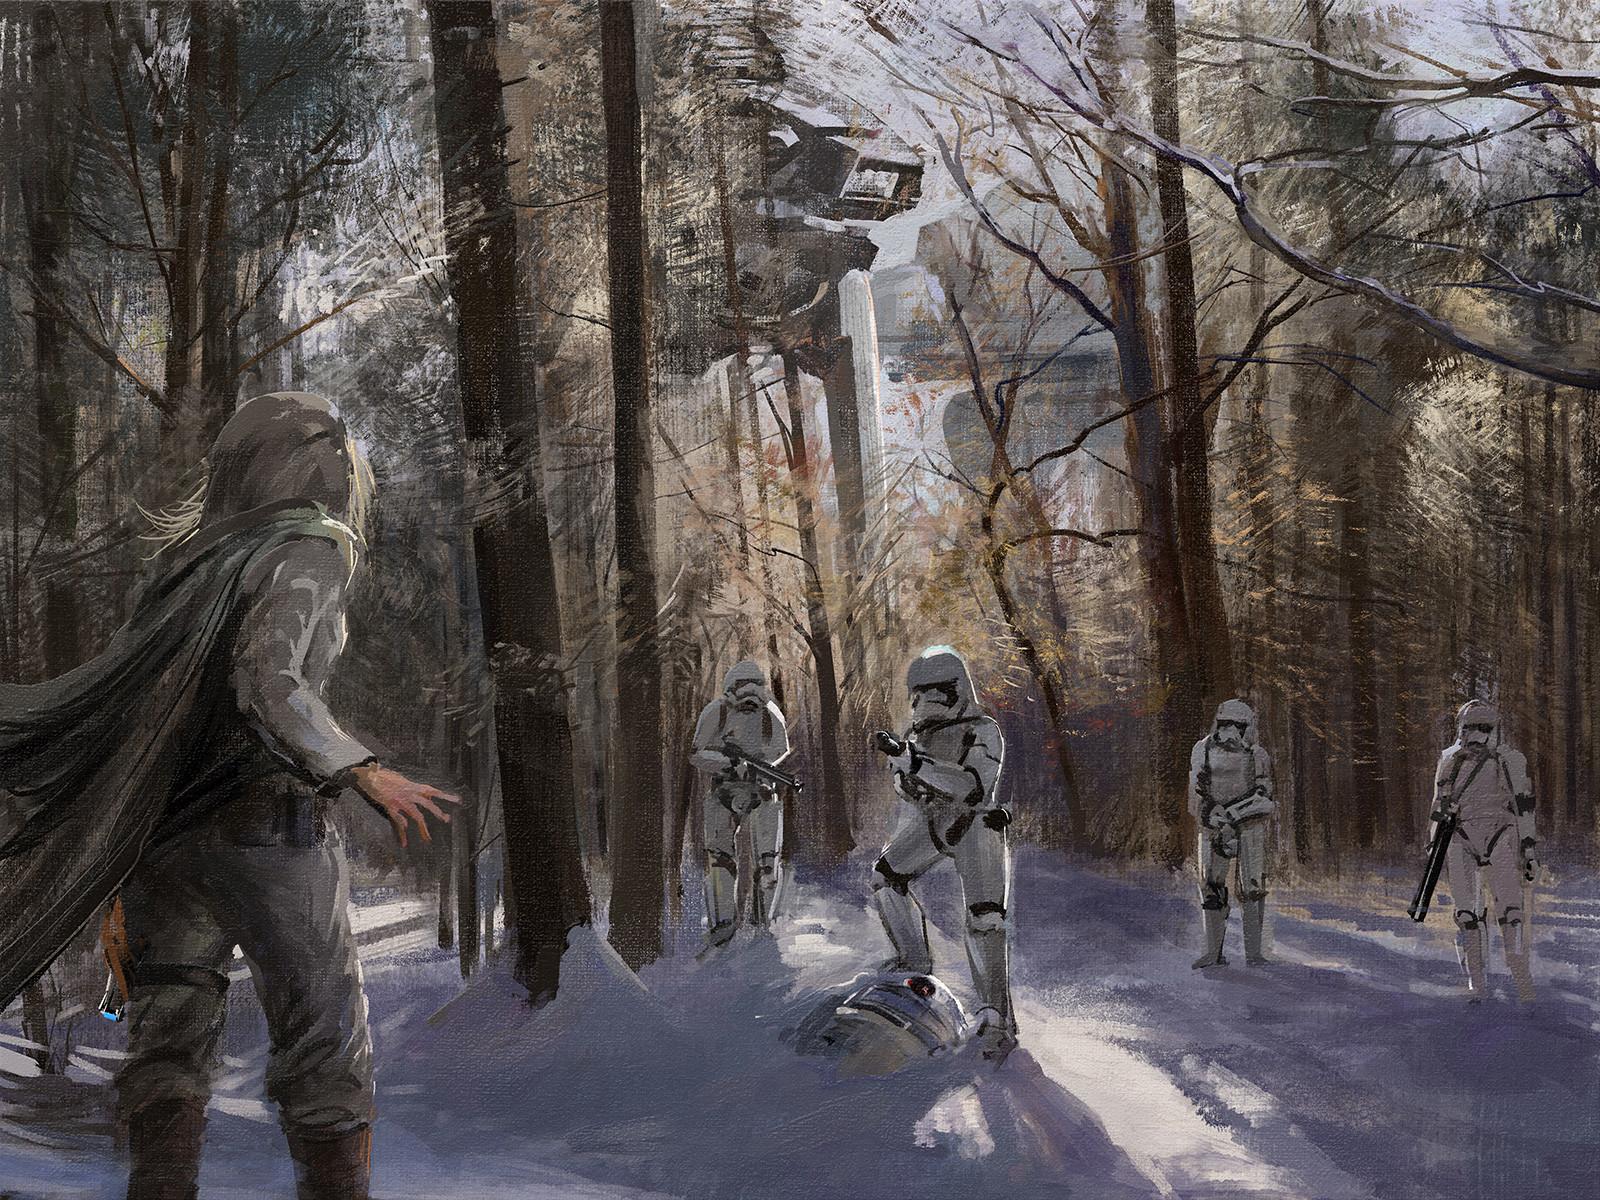 Tymoteusz chliszcz starwars winter2 by chliszcz